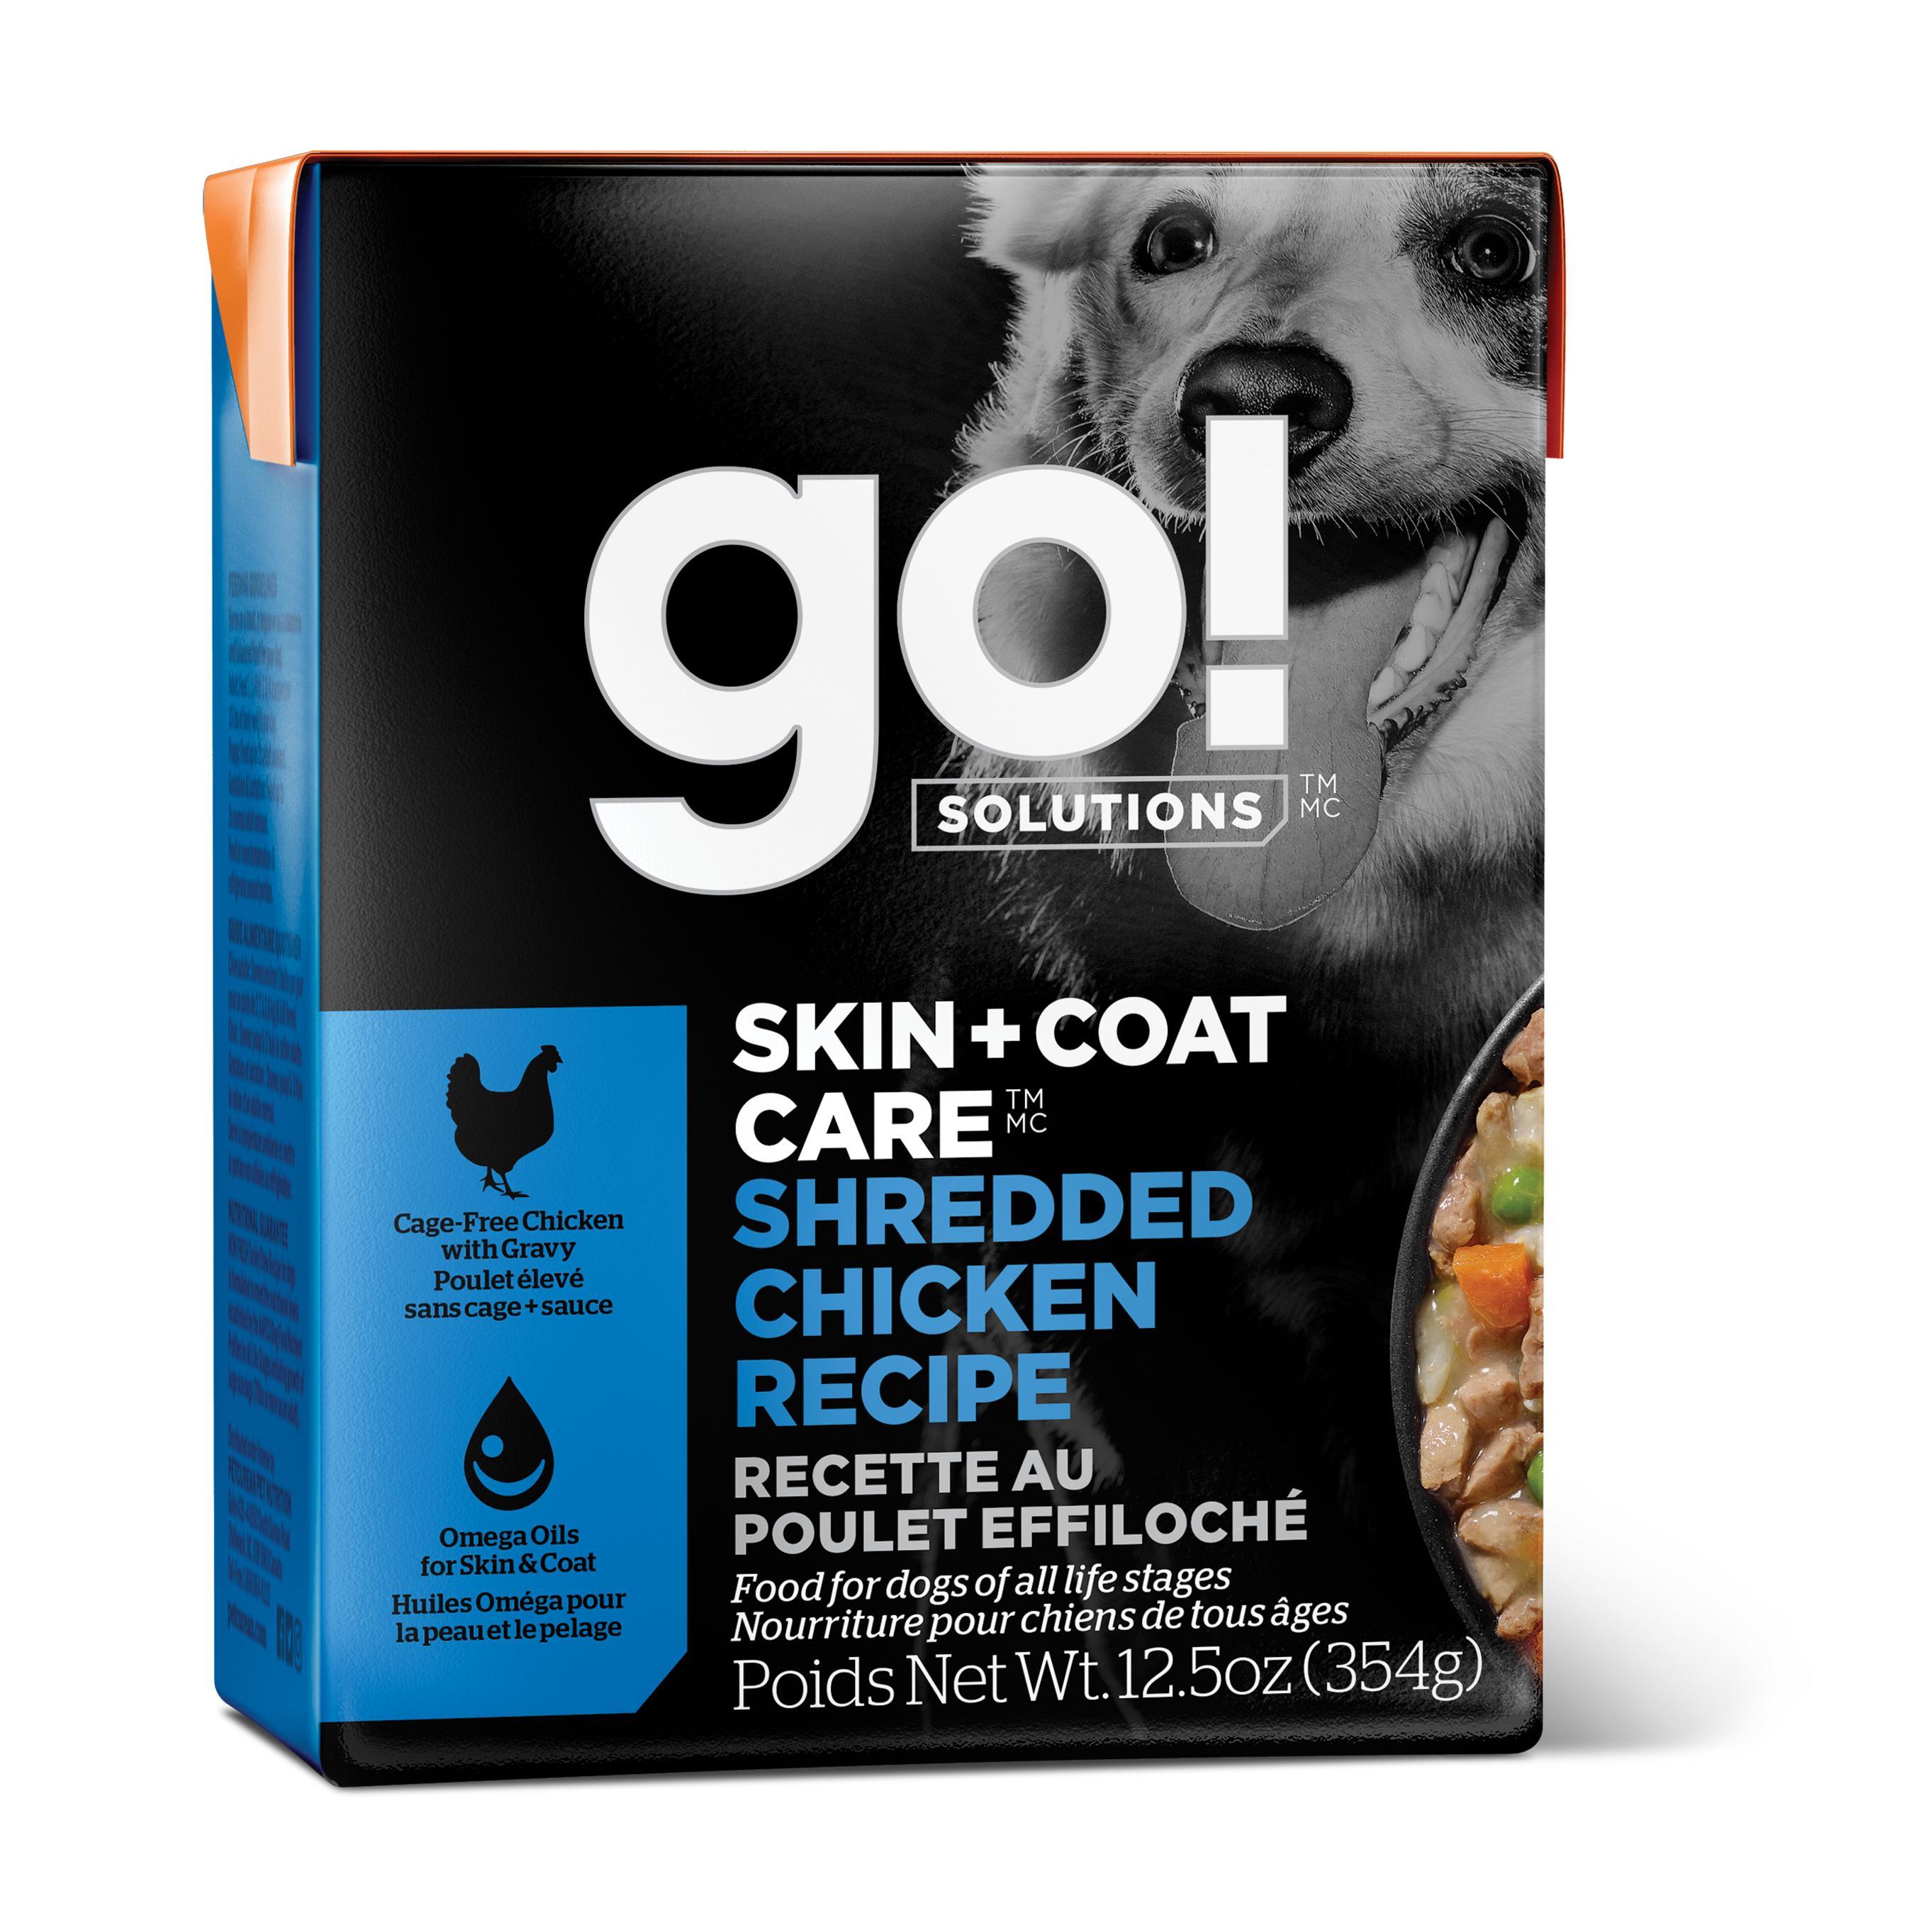 Go! Solutions Skin + Coat Care Shredded Chicken Wet Dog Food Image